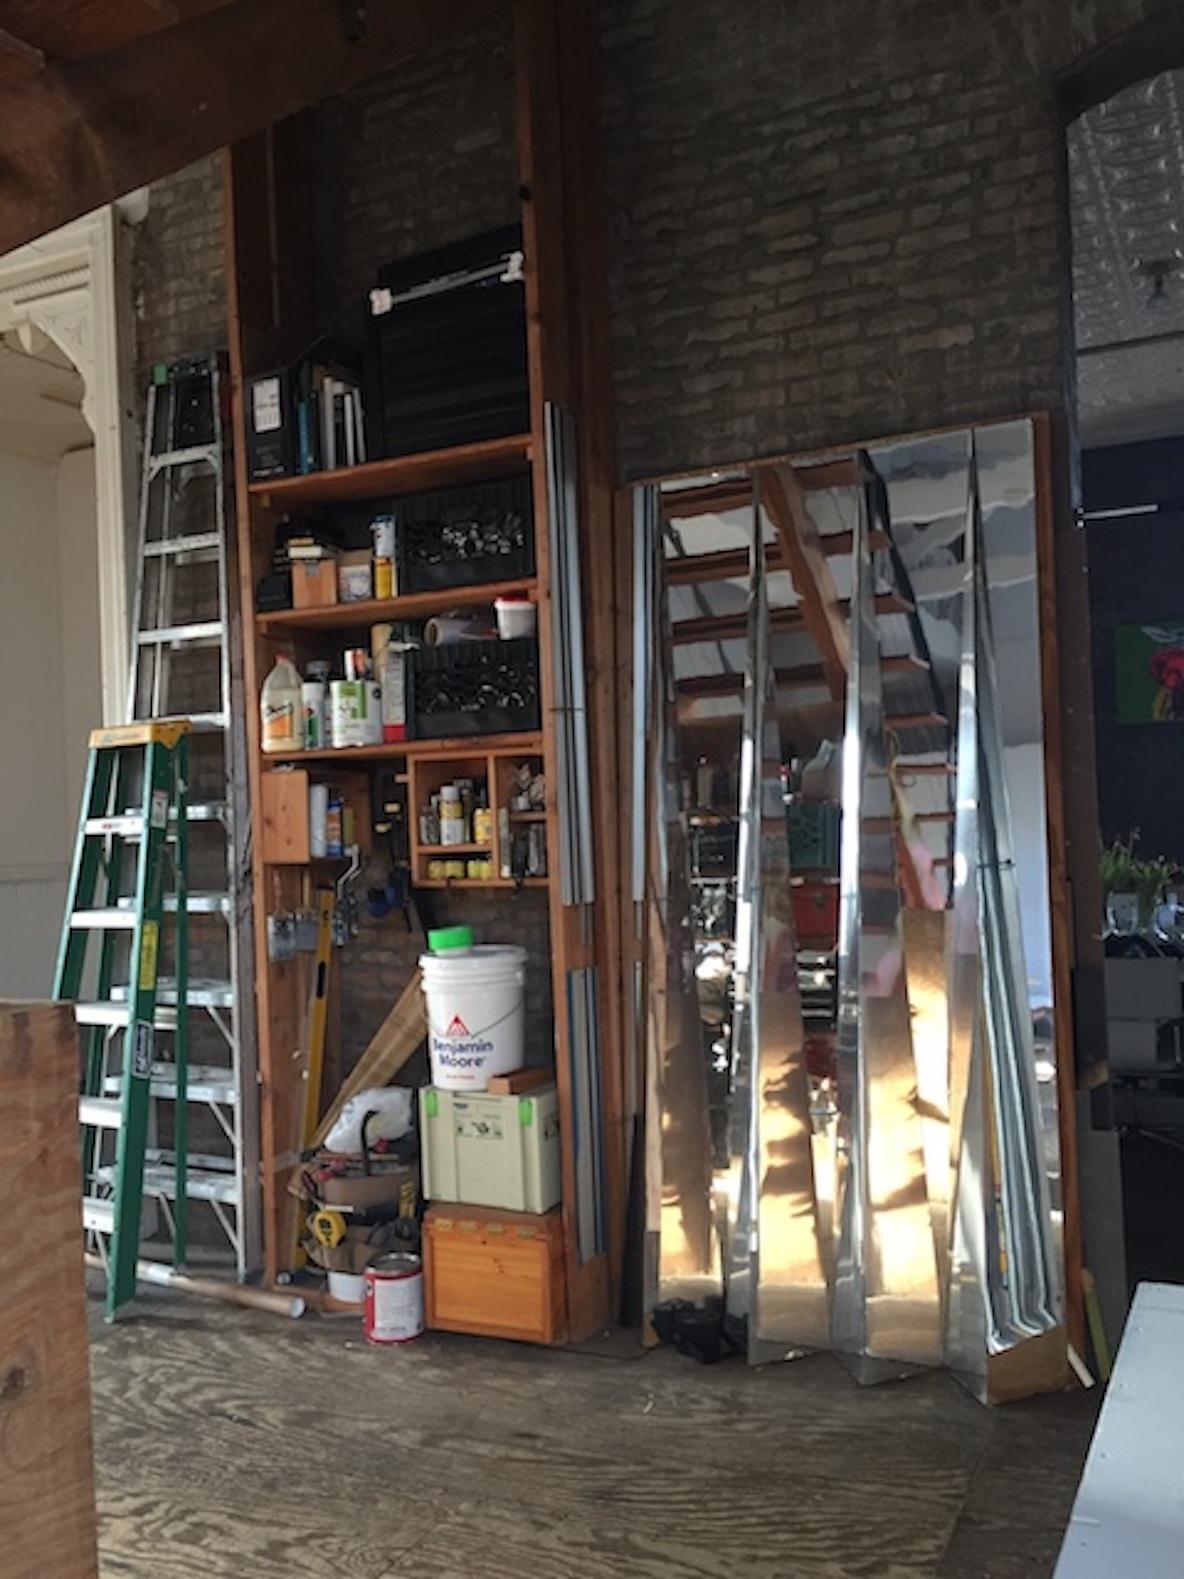 11人のアーティストが暮らす、ニューヨーク・ブルックリンのレトロなアパートメントをアトリエにする